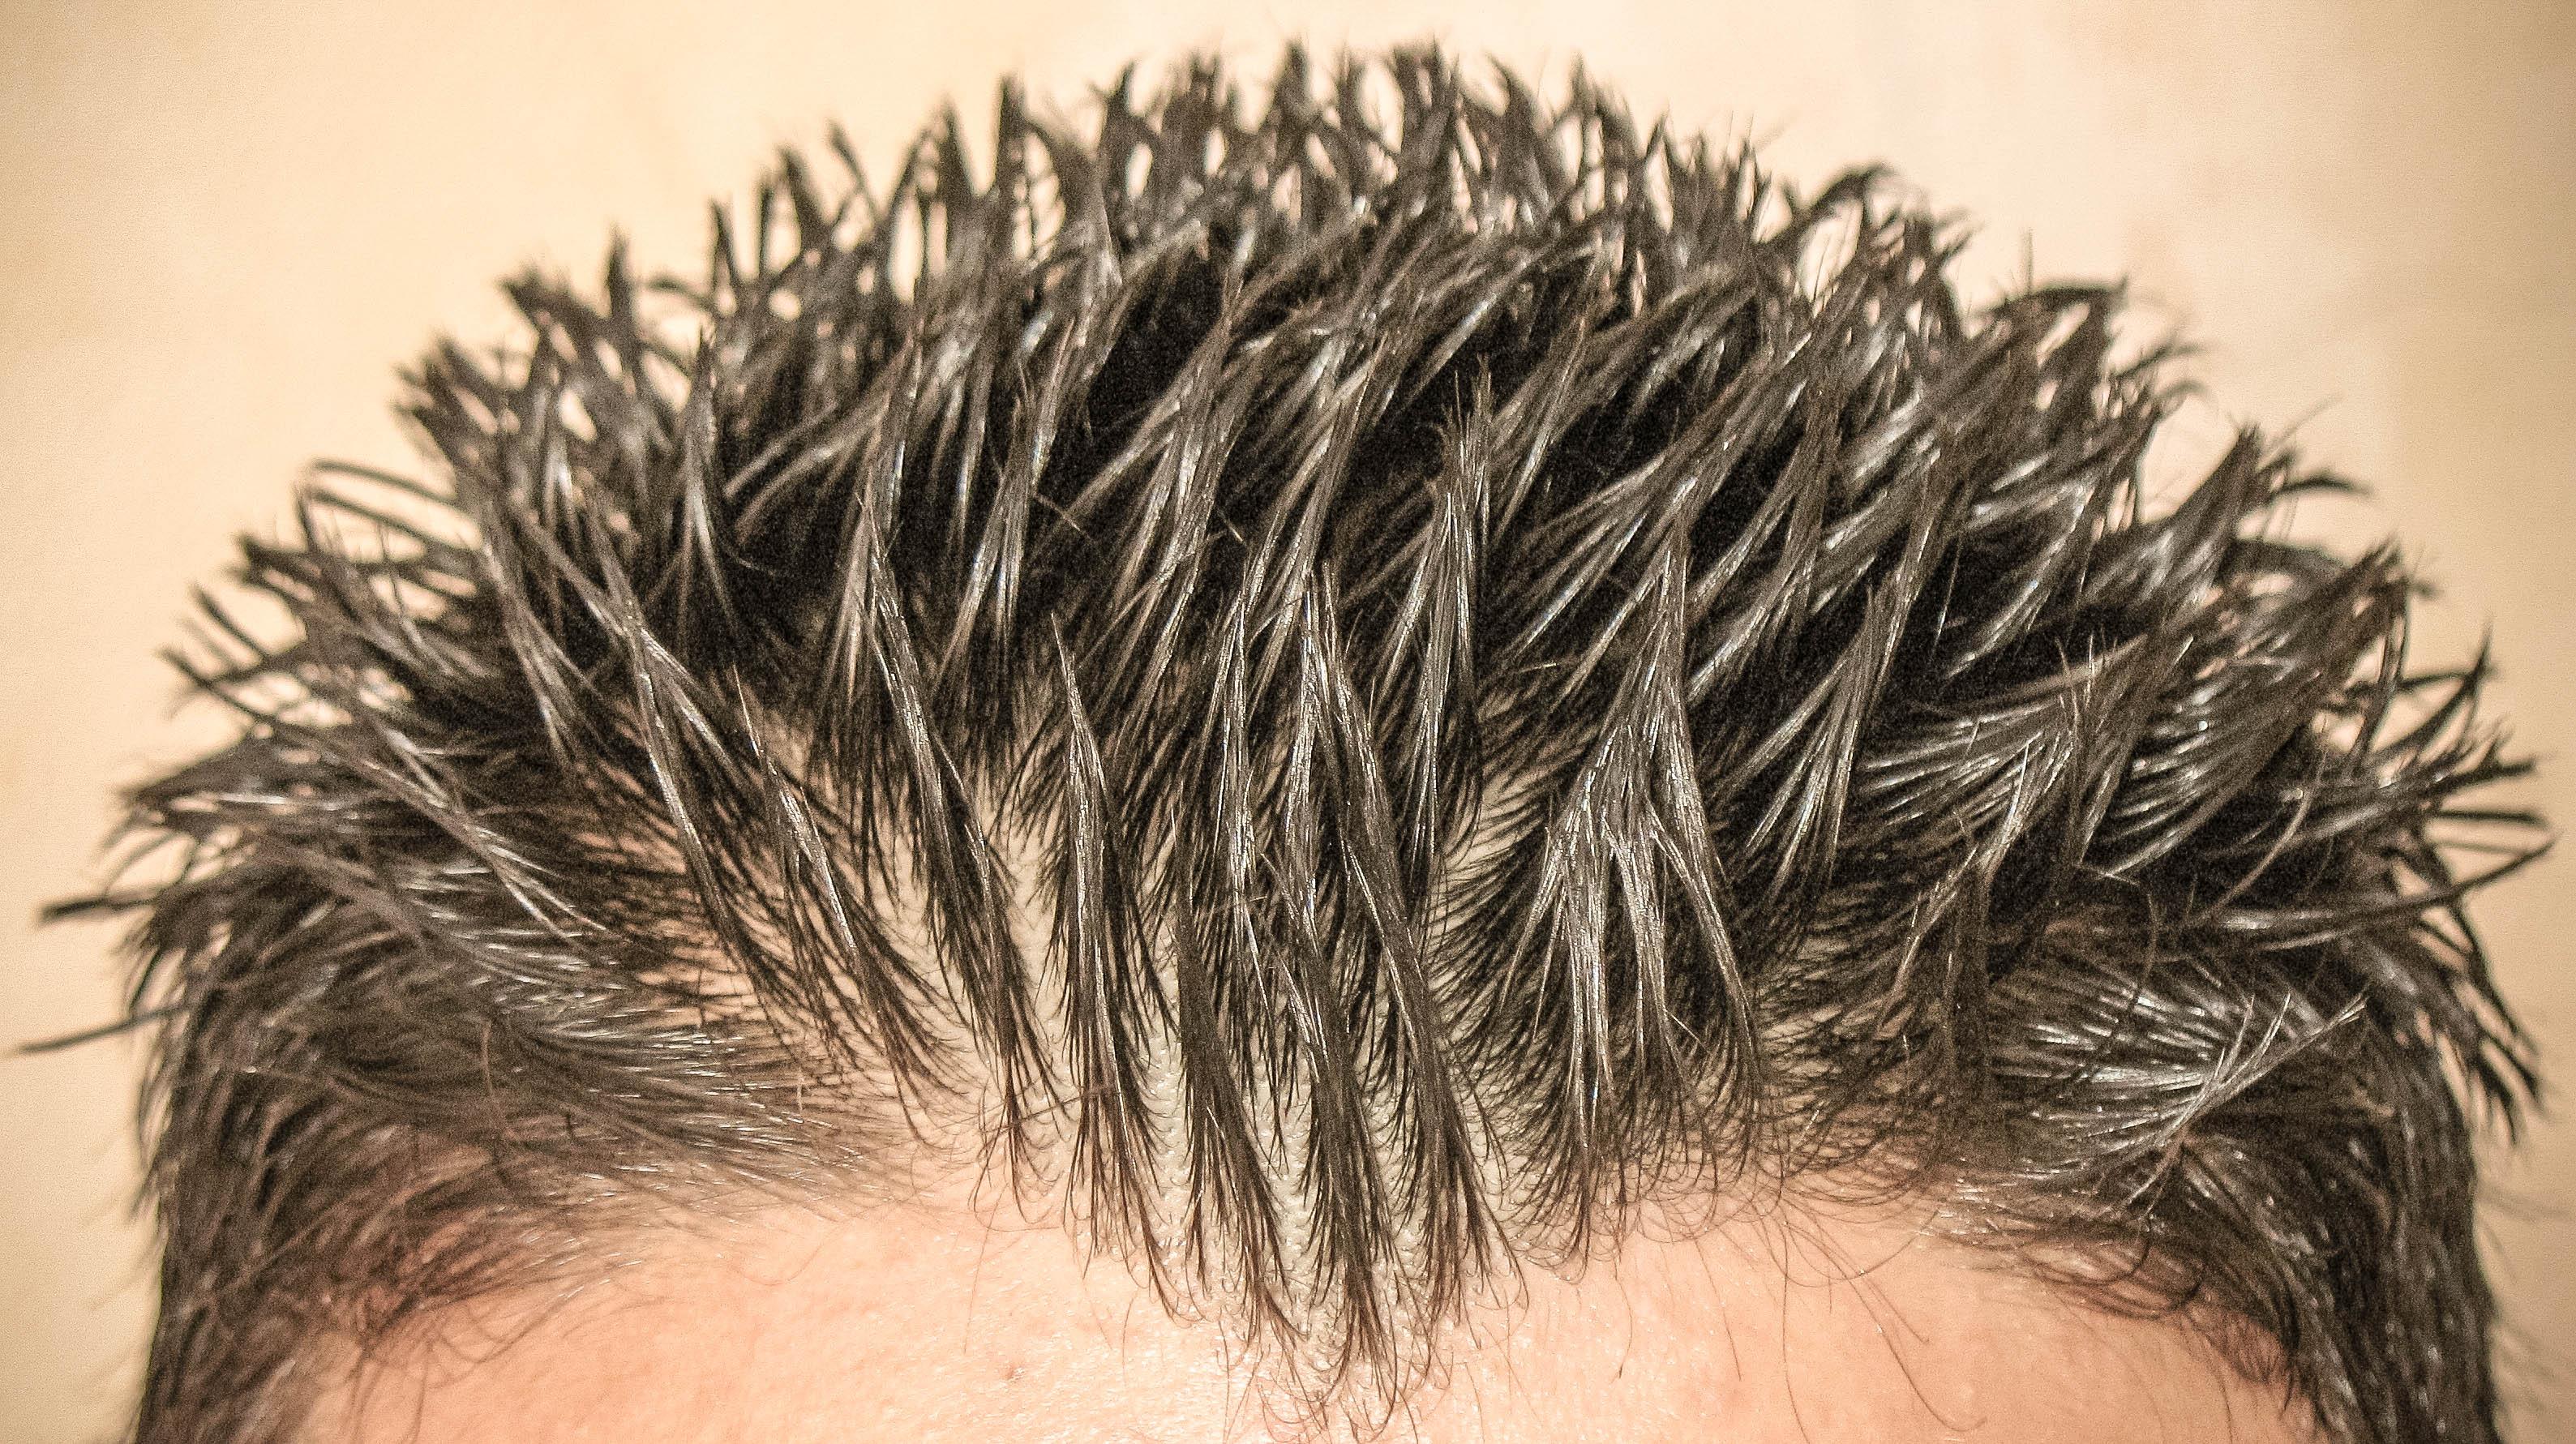 Barbearia Tradicional - Formas de cortar o cabelo masculino